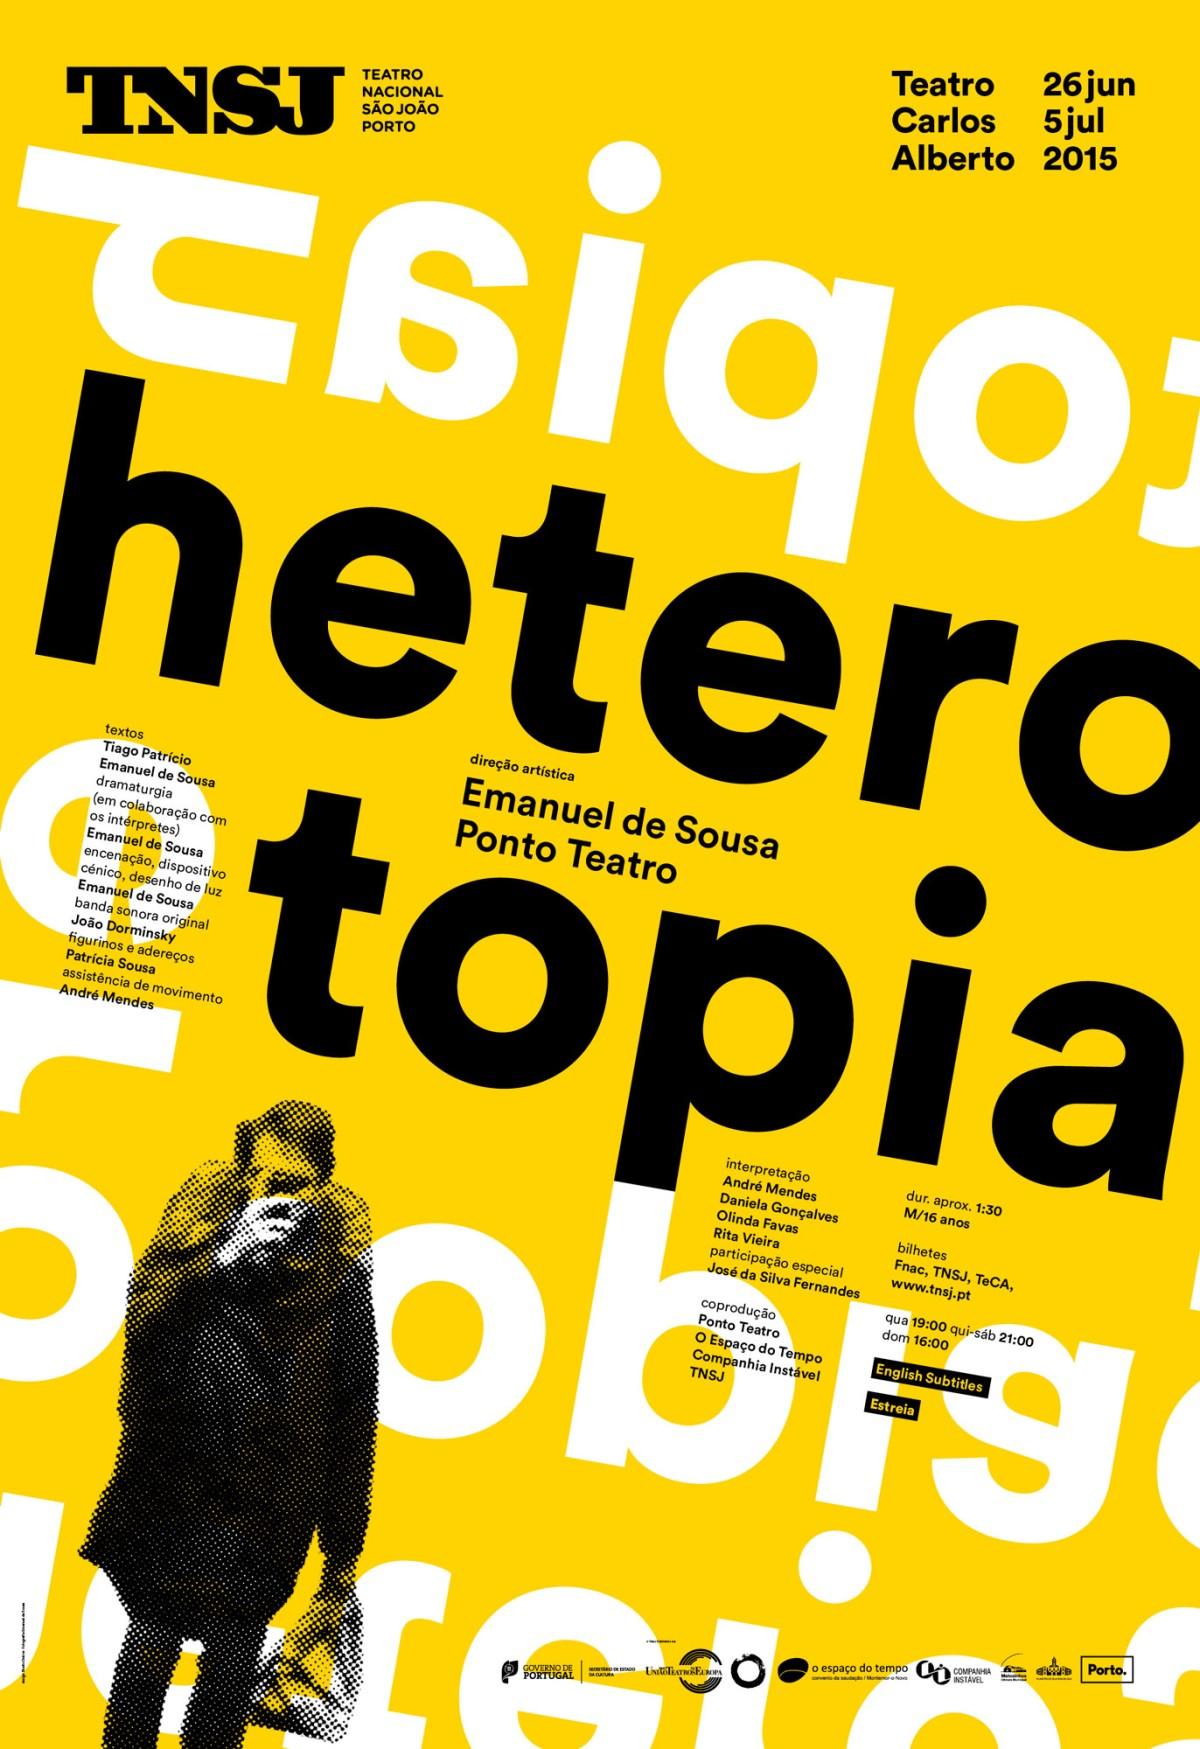 São João National Theatre Posters 2015-2016 Image:7.2